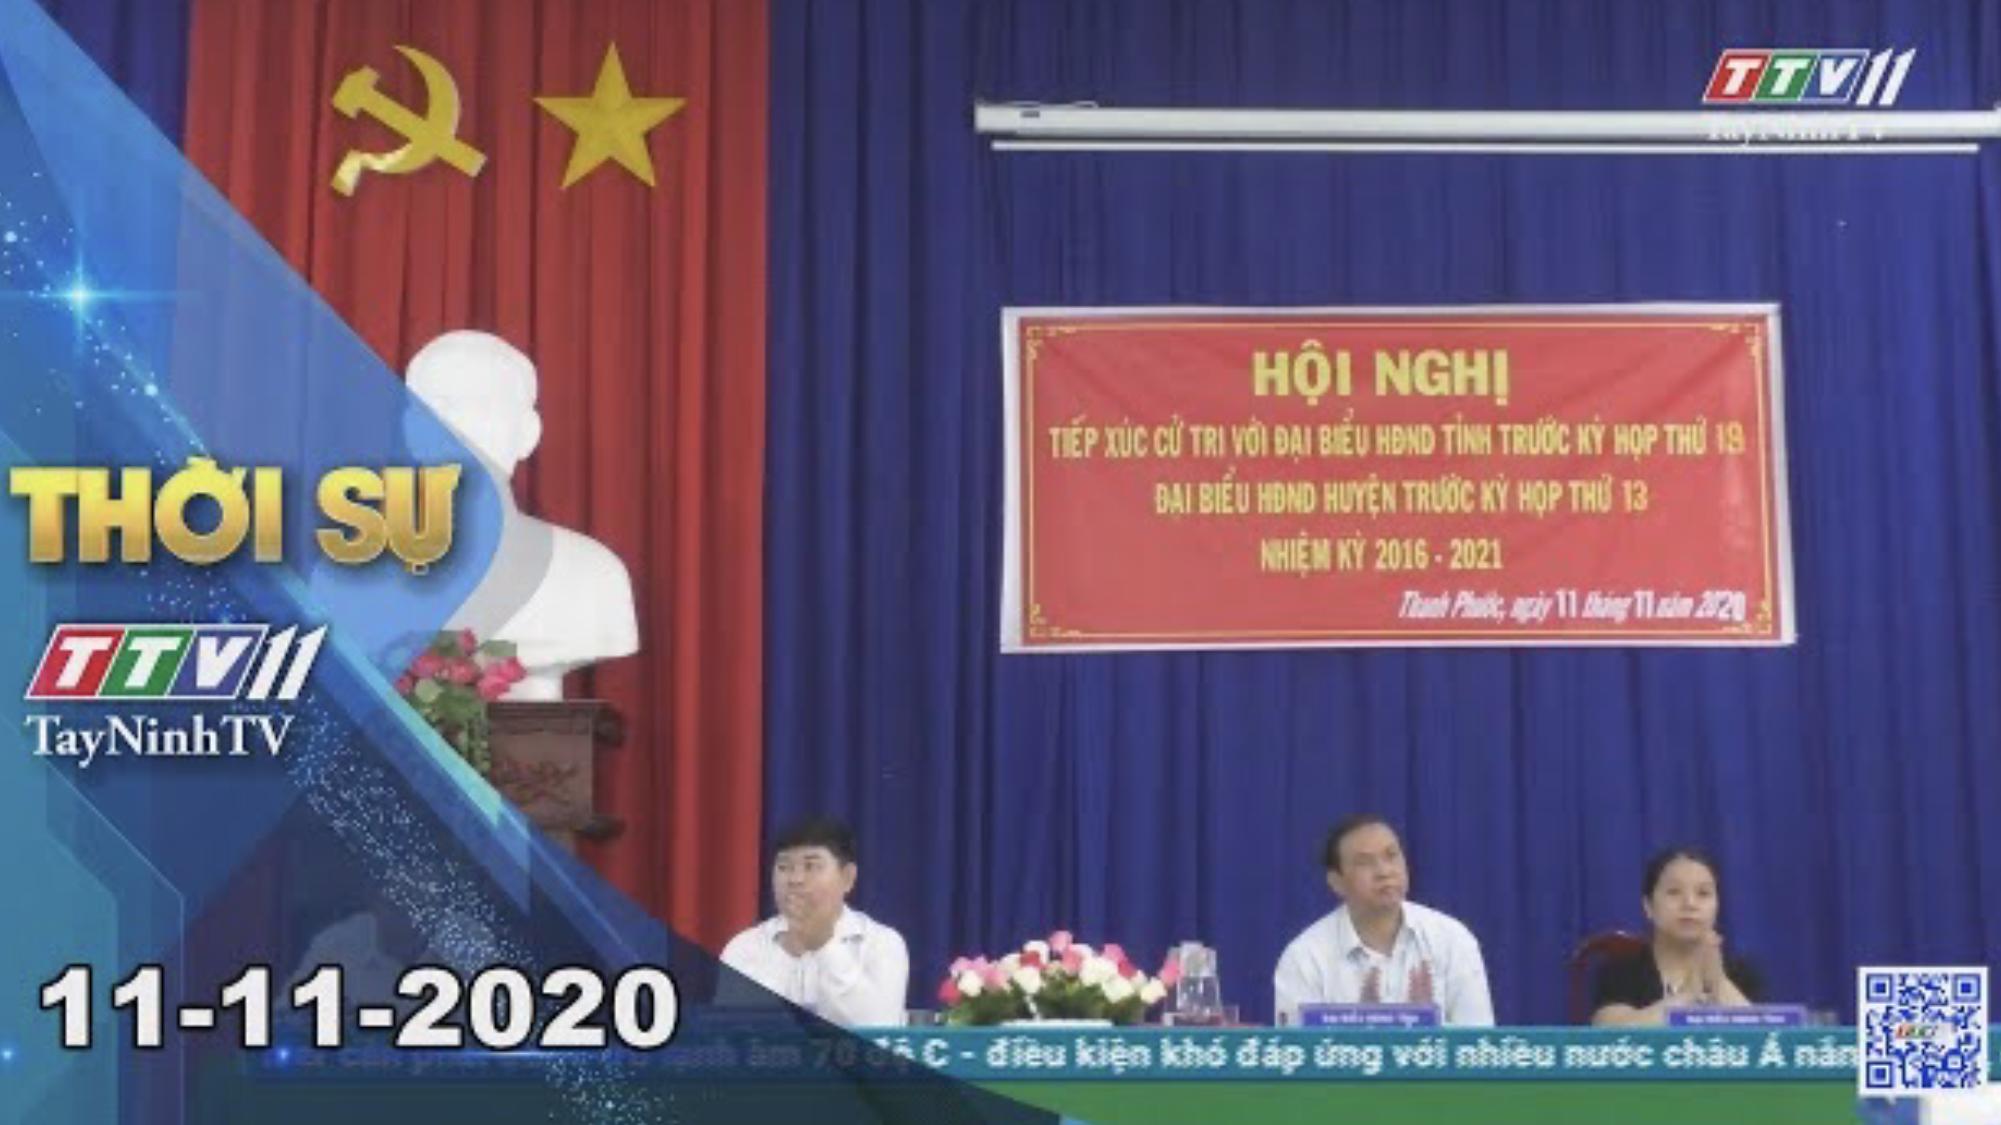 Thời sự Tây Ninh 11-11-2020 | Tin tức hôm nay | TayNinhTV